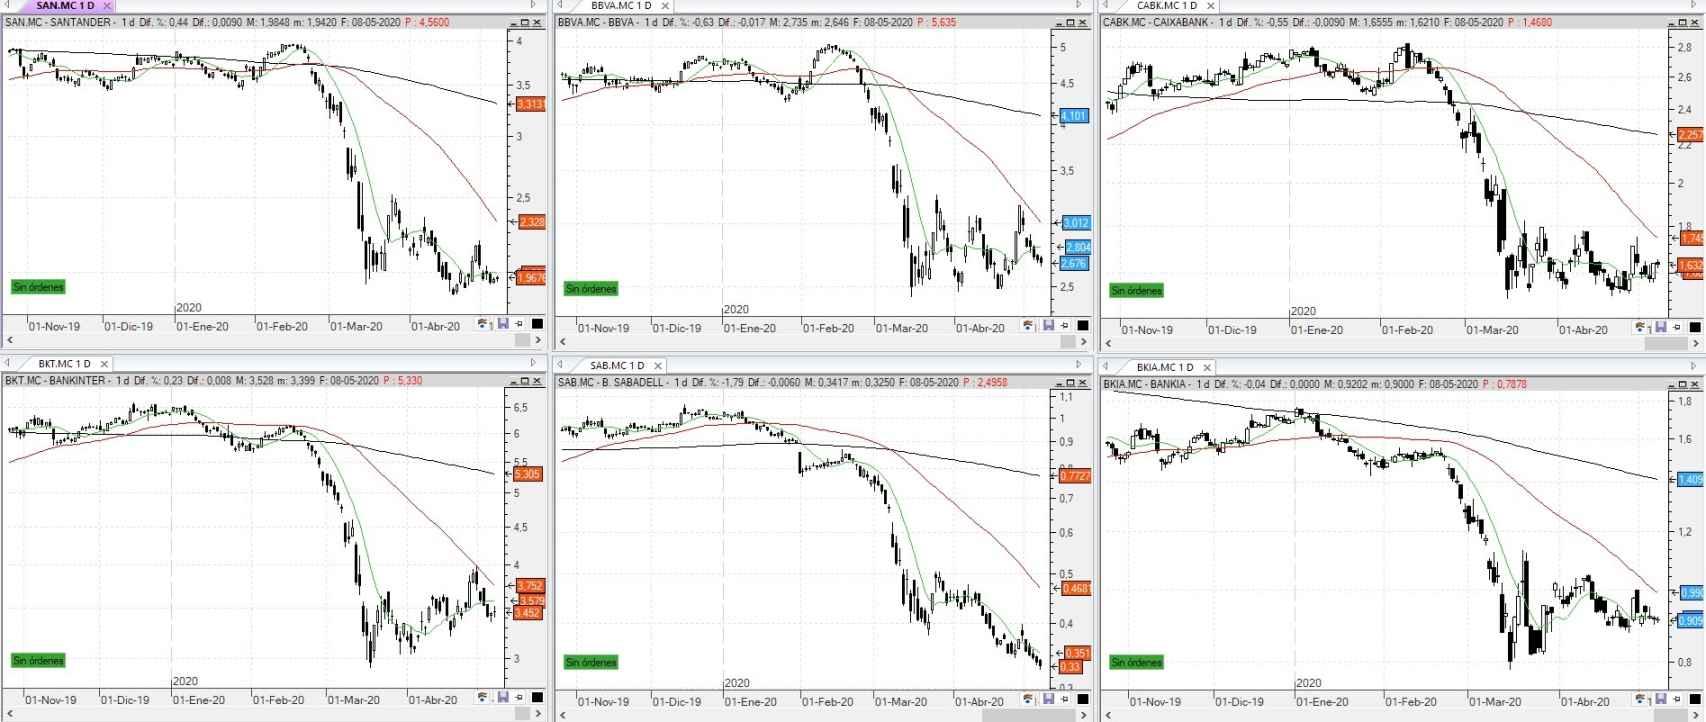 Comparativa de los bancos cotizados en el Ibex 35